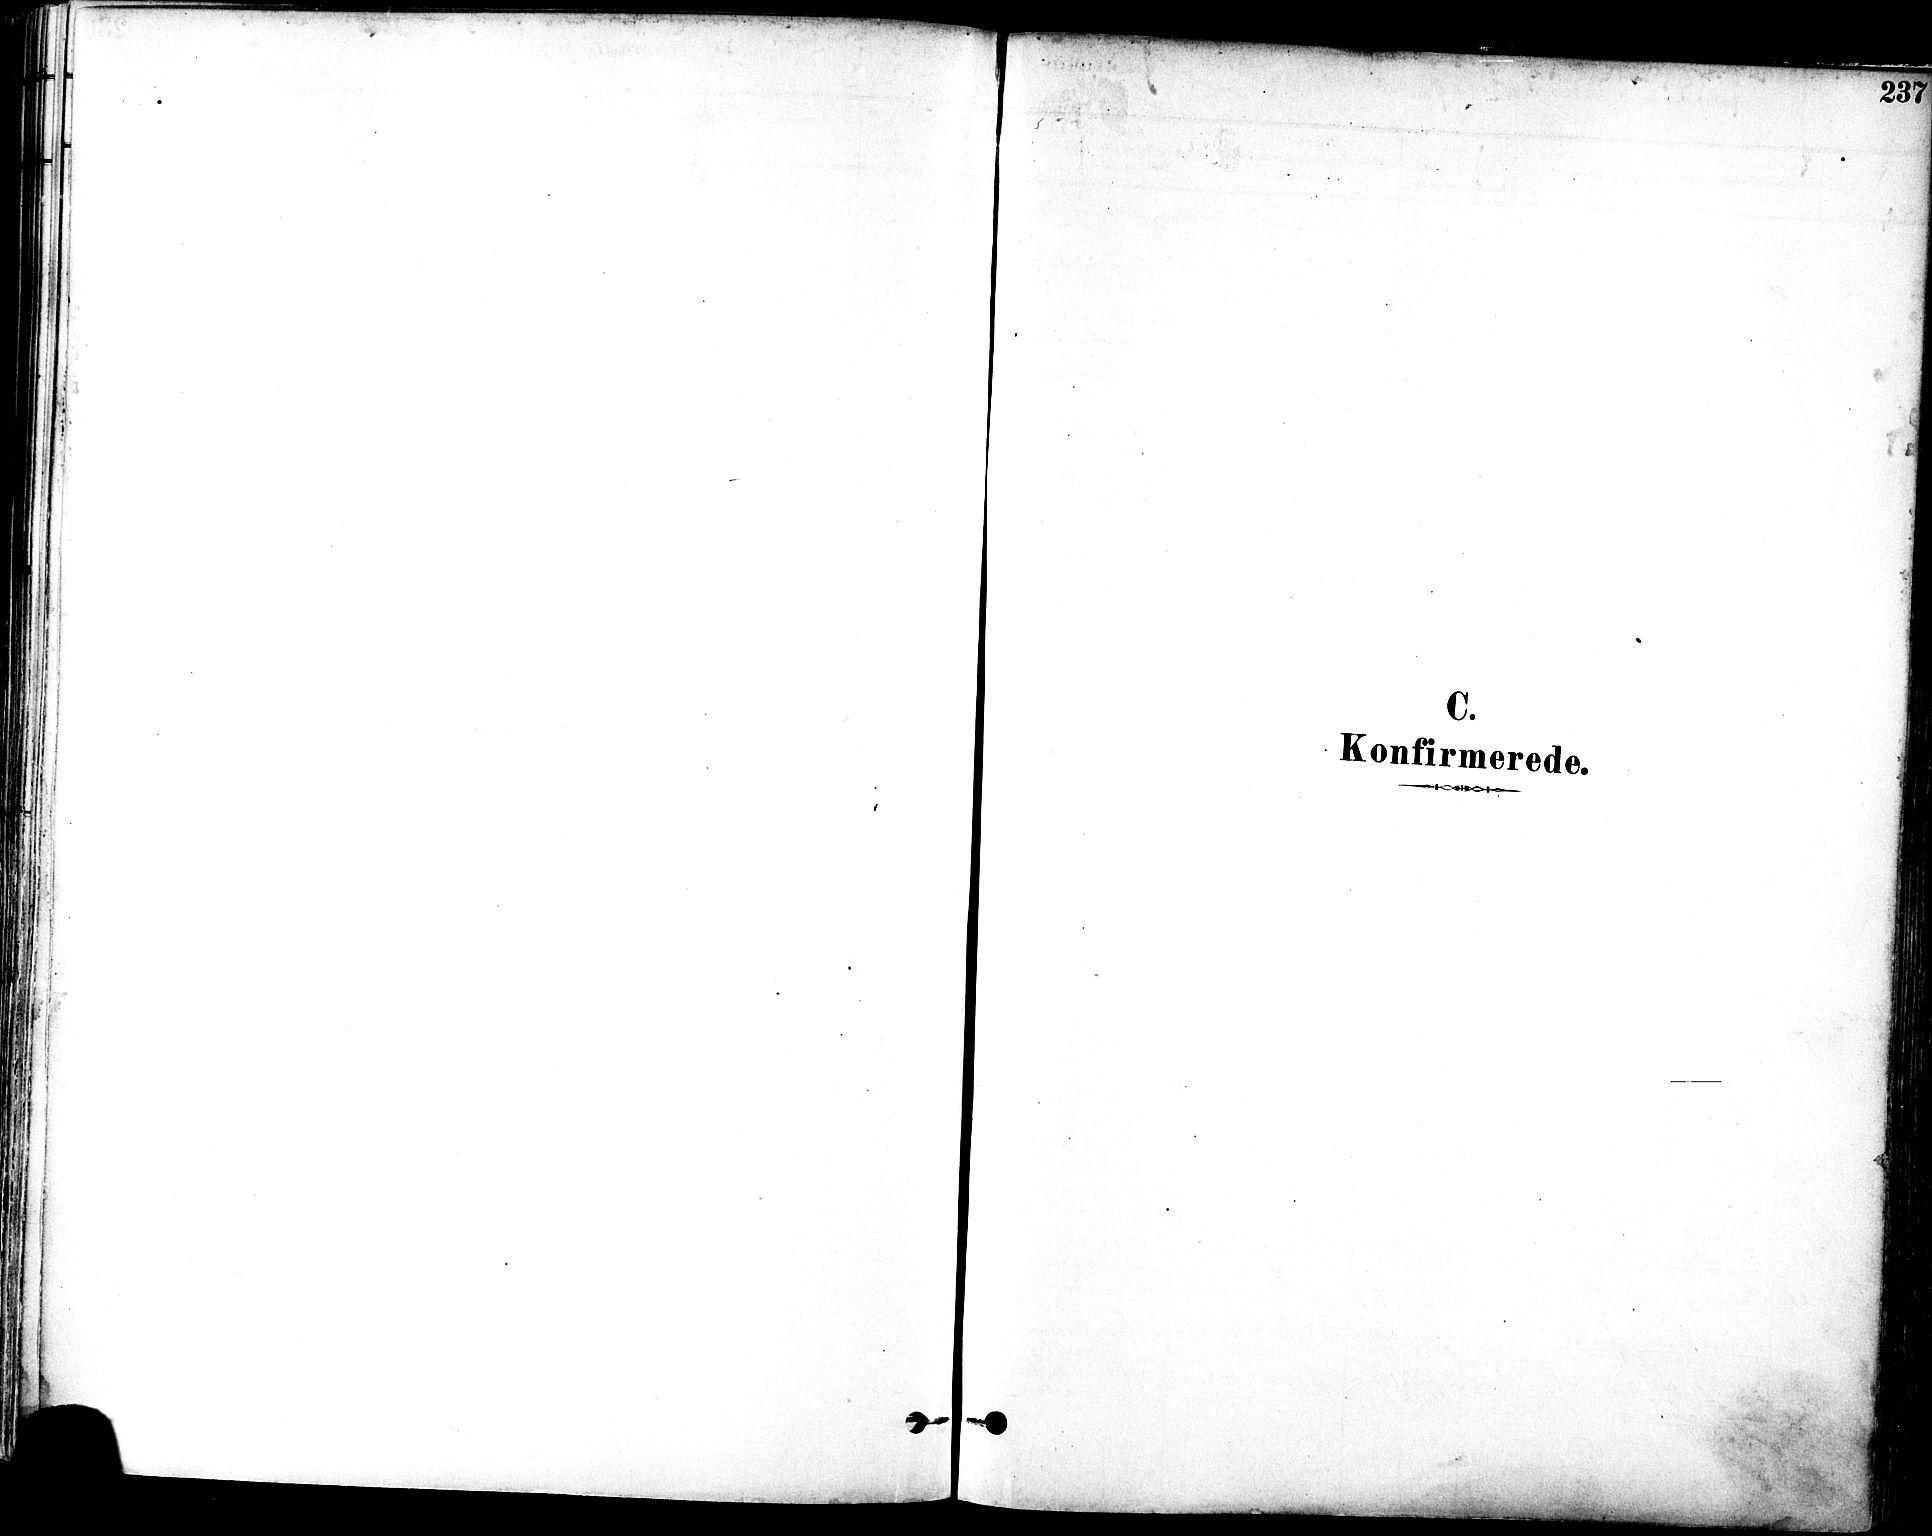 SAT, Ministerialprotokoller, klokkerbøker og fødselsregistre - Sør-Trøndelag, 601/L0057: Ministerialbok nr. 601A25, 1877-1891, s. 237